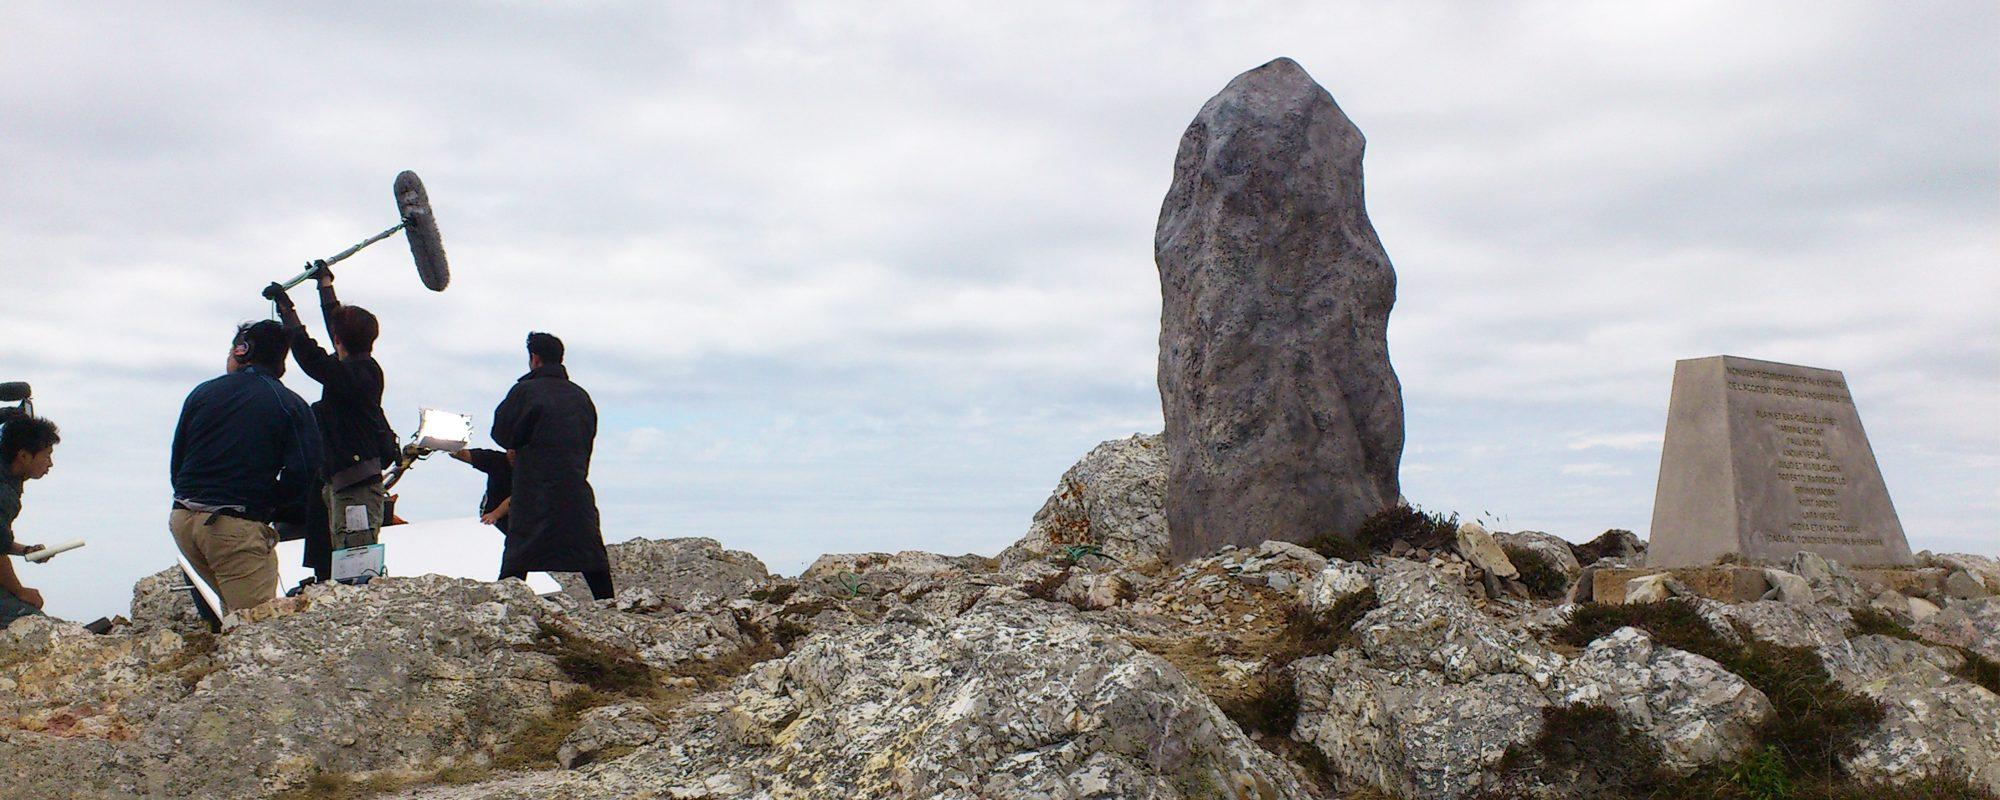 sculpture de menhir réalisé en polystyrène et résine